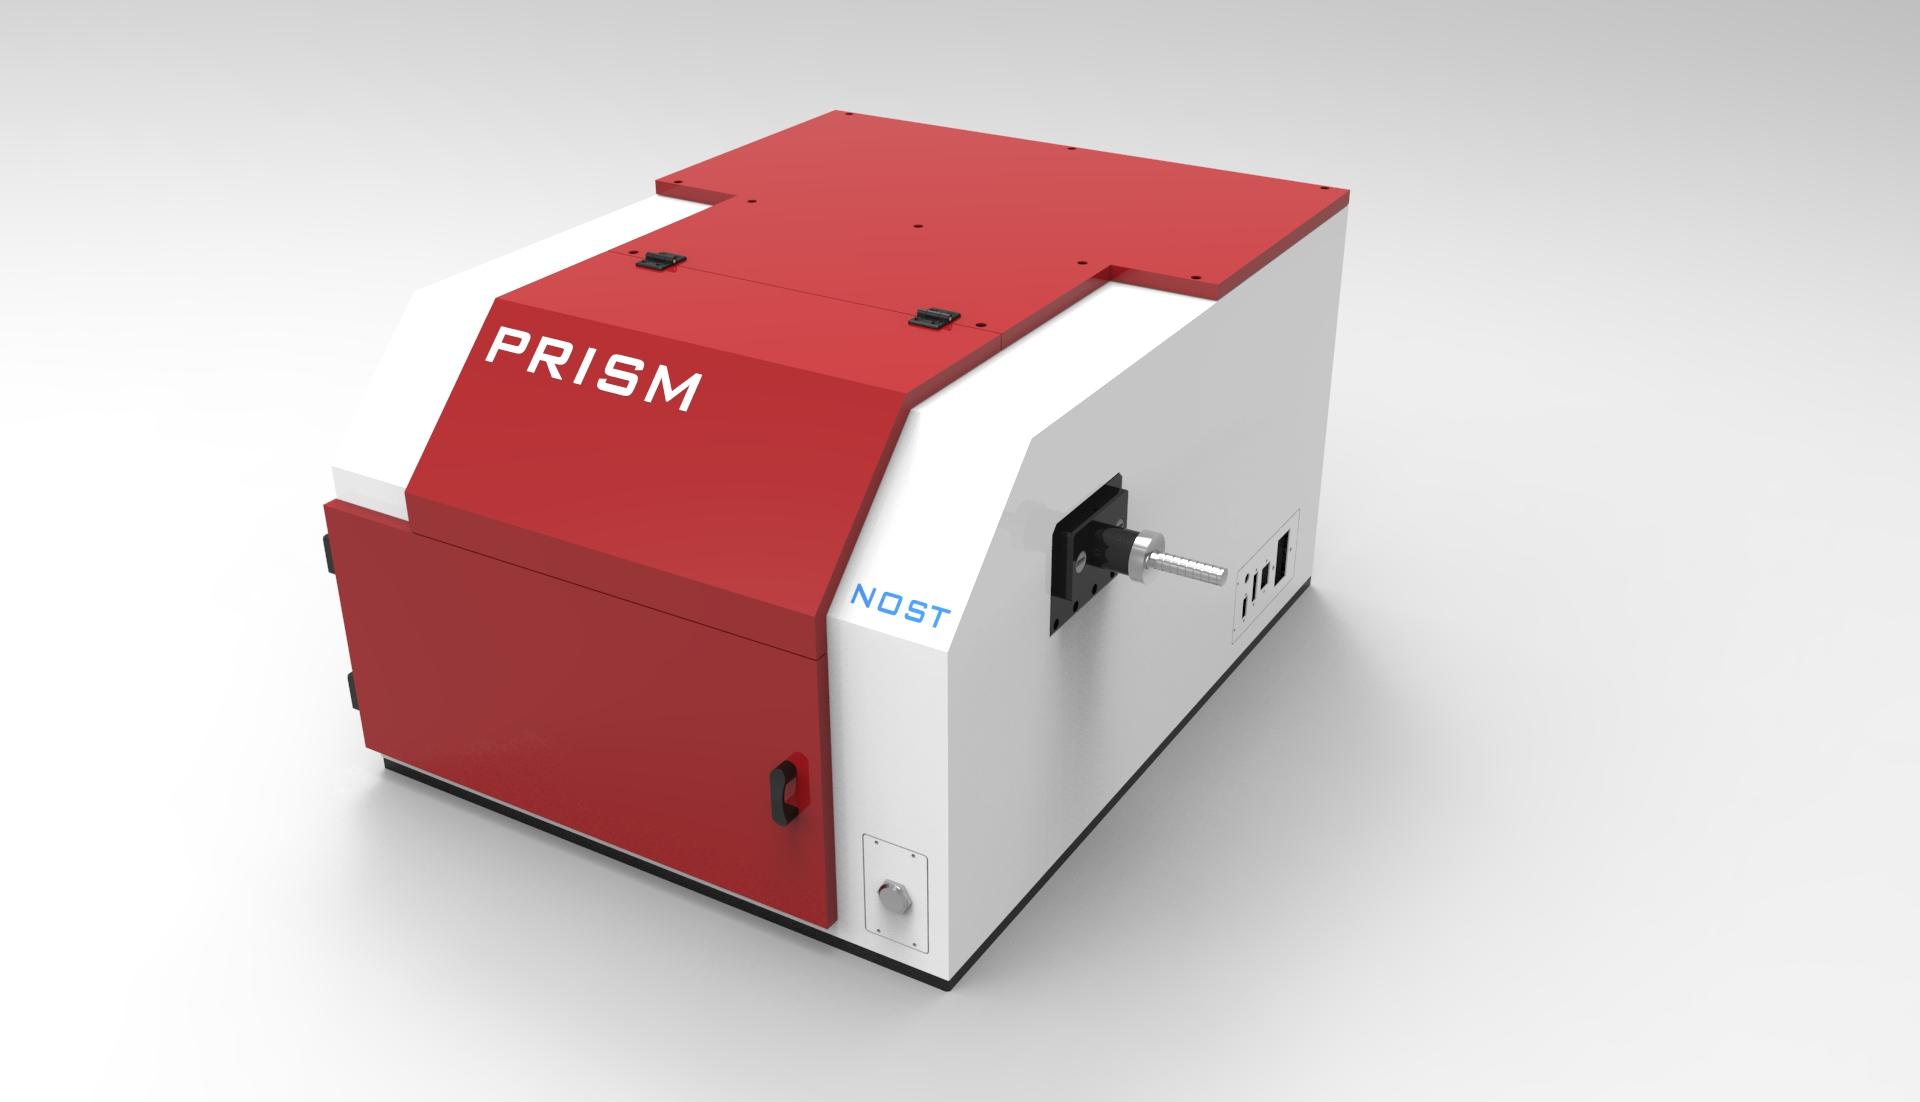 PRISM - Raman Spectroscopy